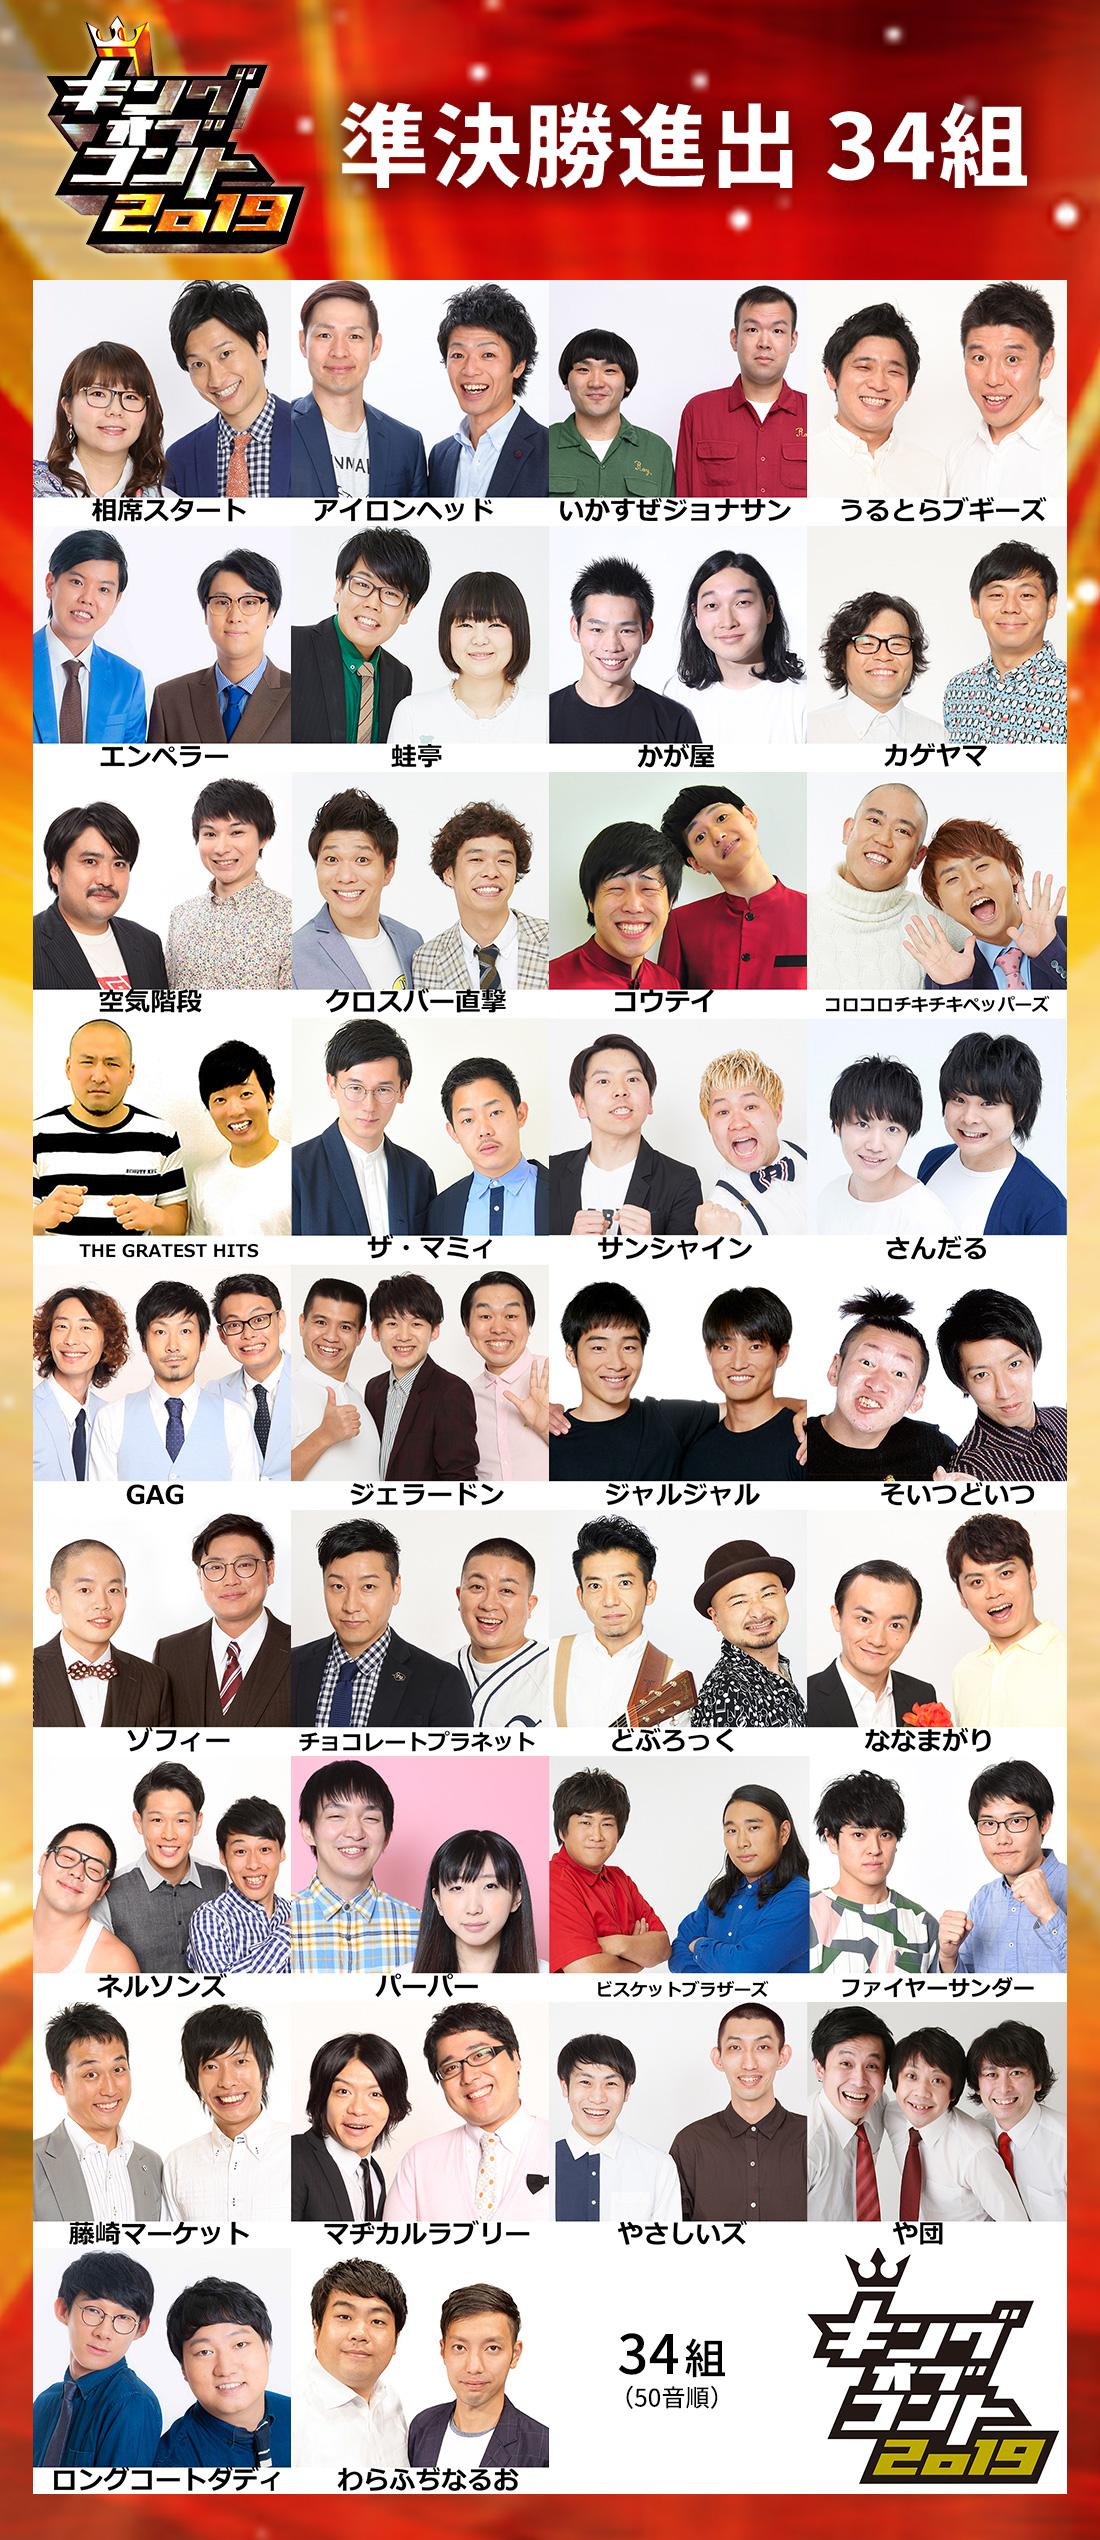 キングオブコント2019放送決定!審査員は松本人志、さまぁ~ず、バナナマン